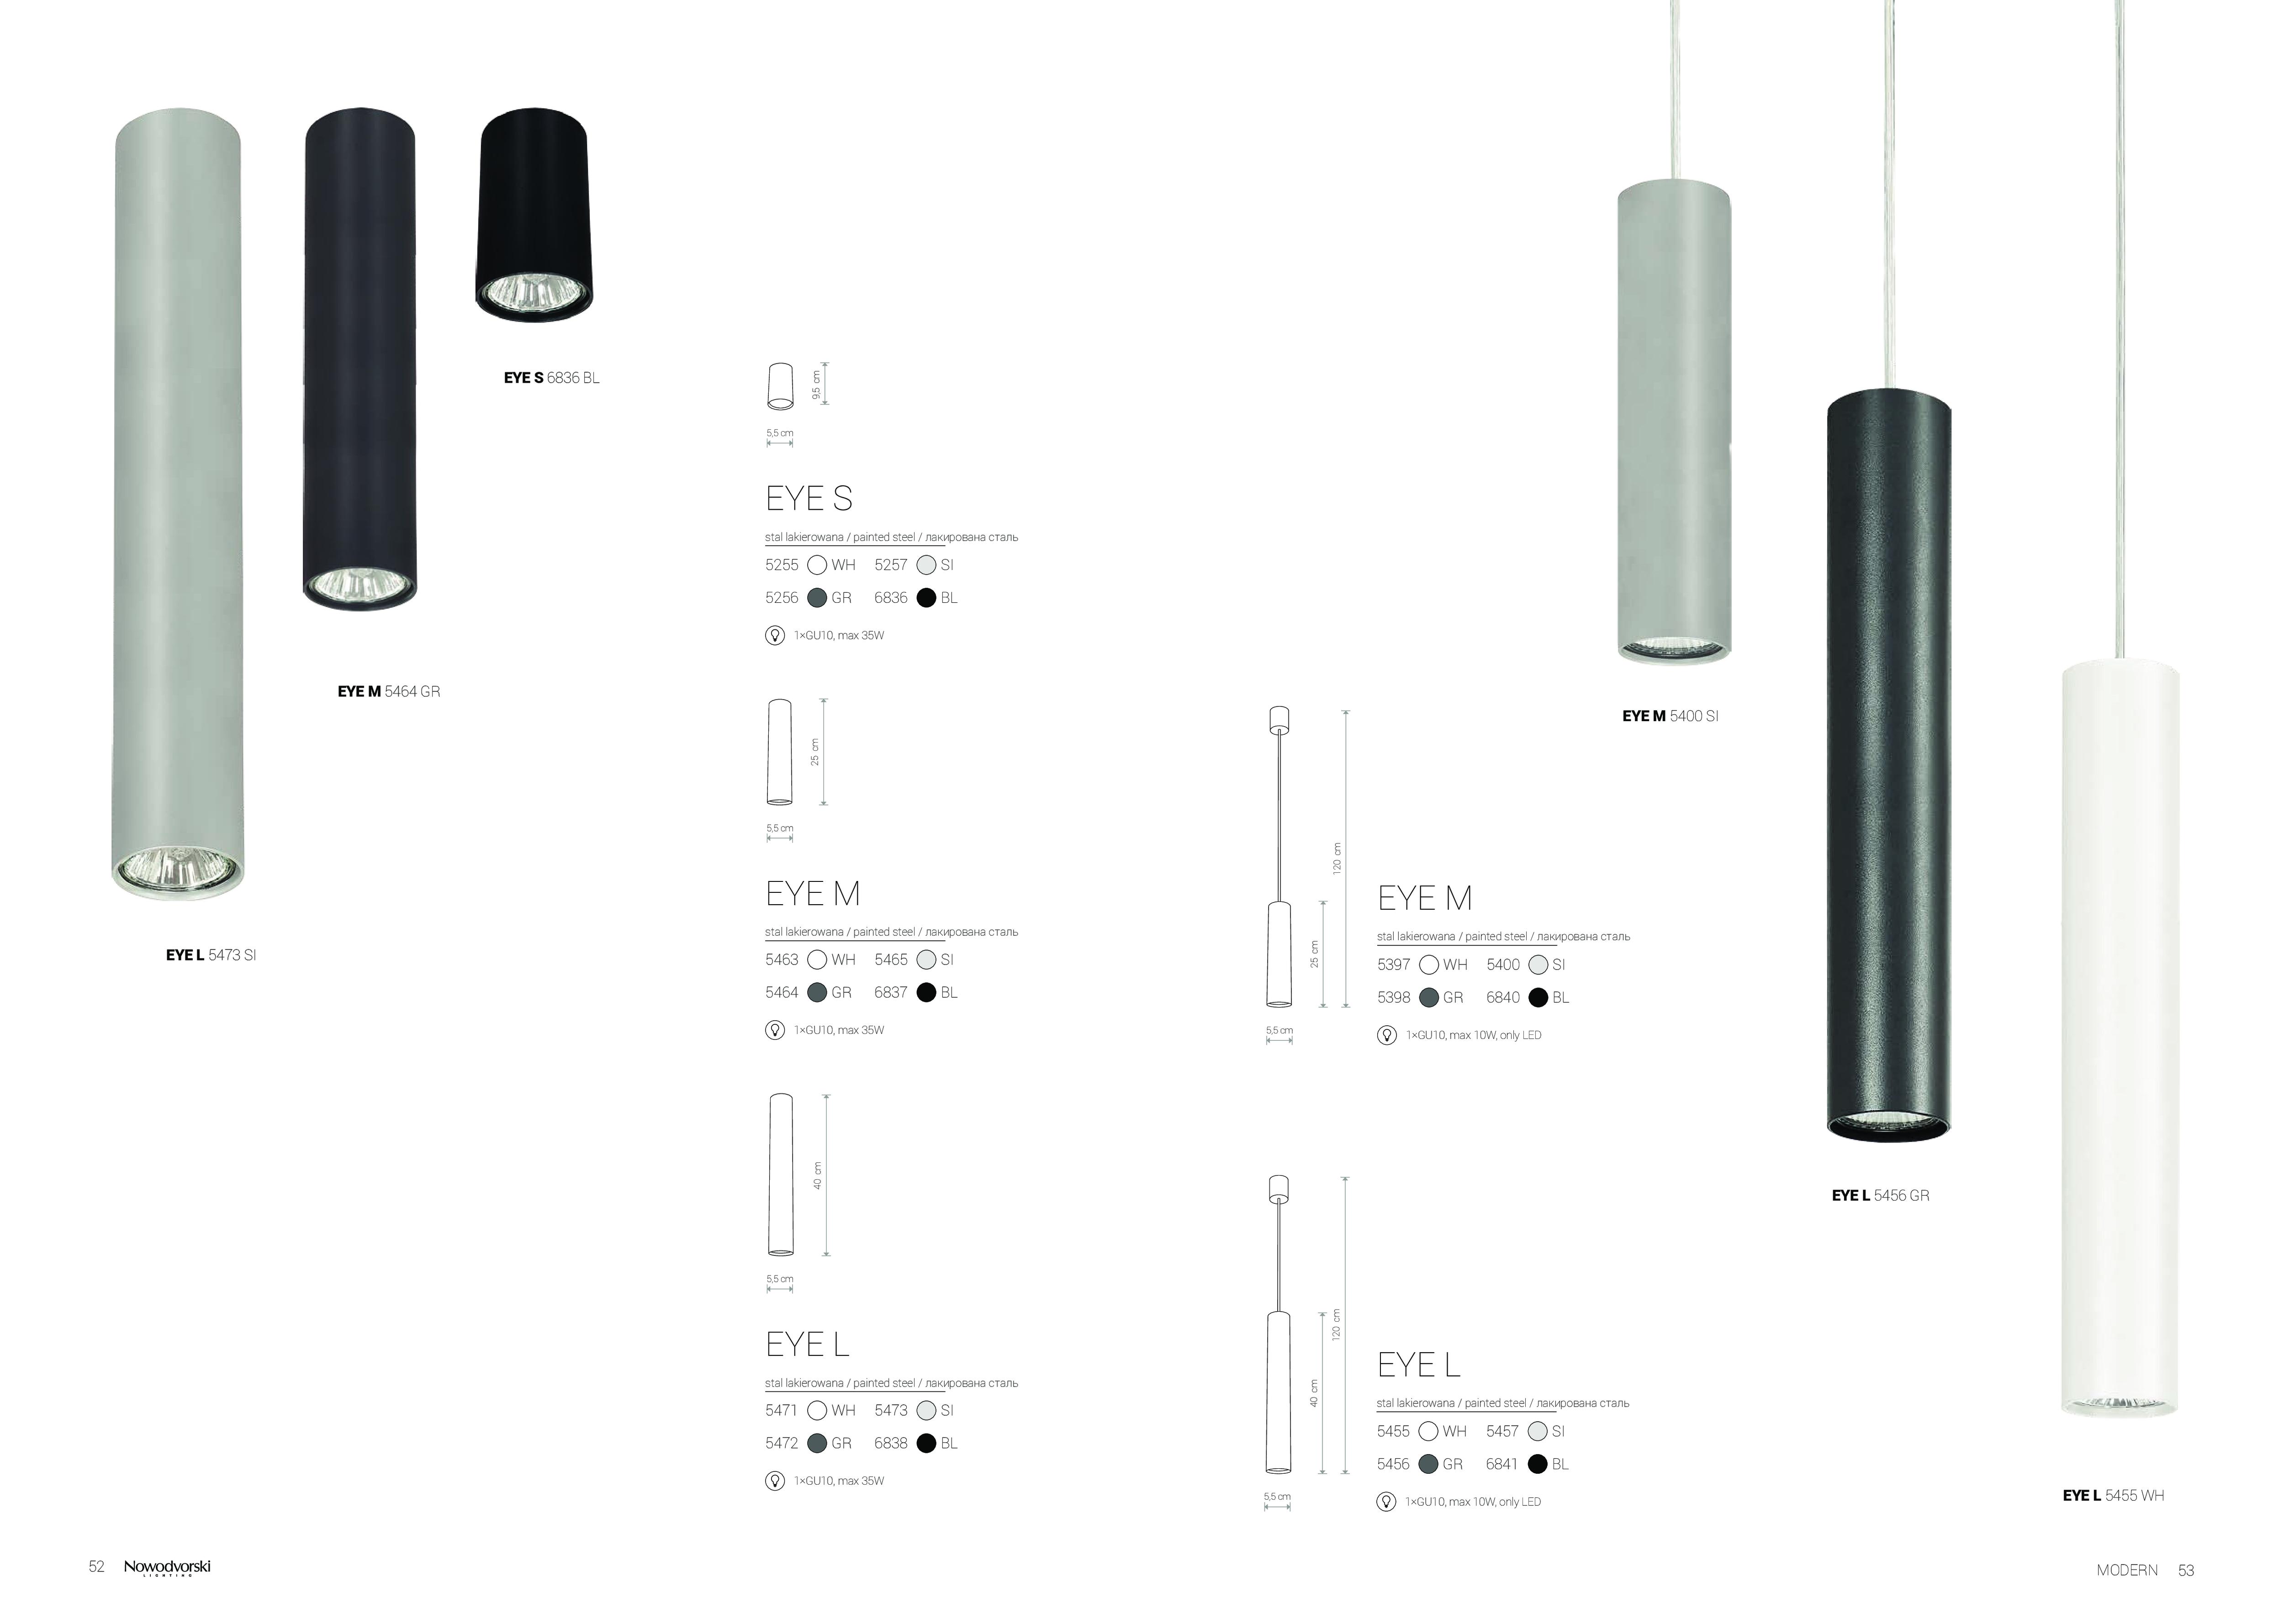 Подвесной светильник Nowodvorski Eye M 6840, 1xGU10x35W, черный, металл - фото 5